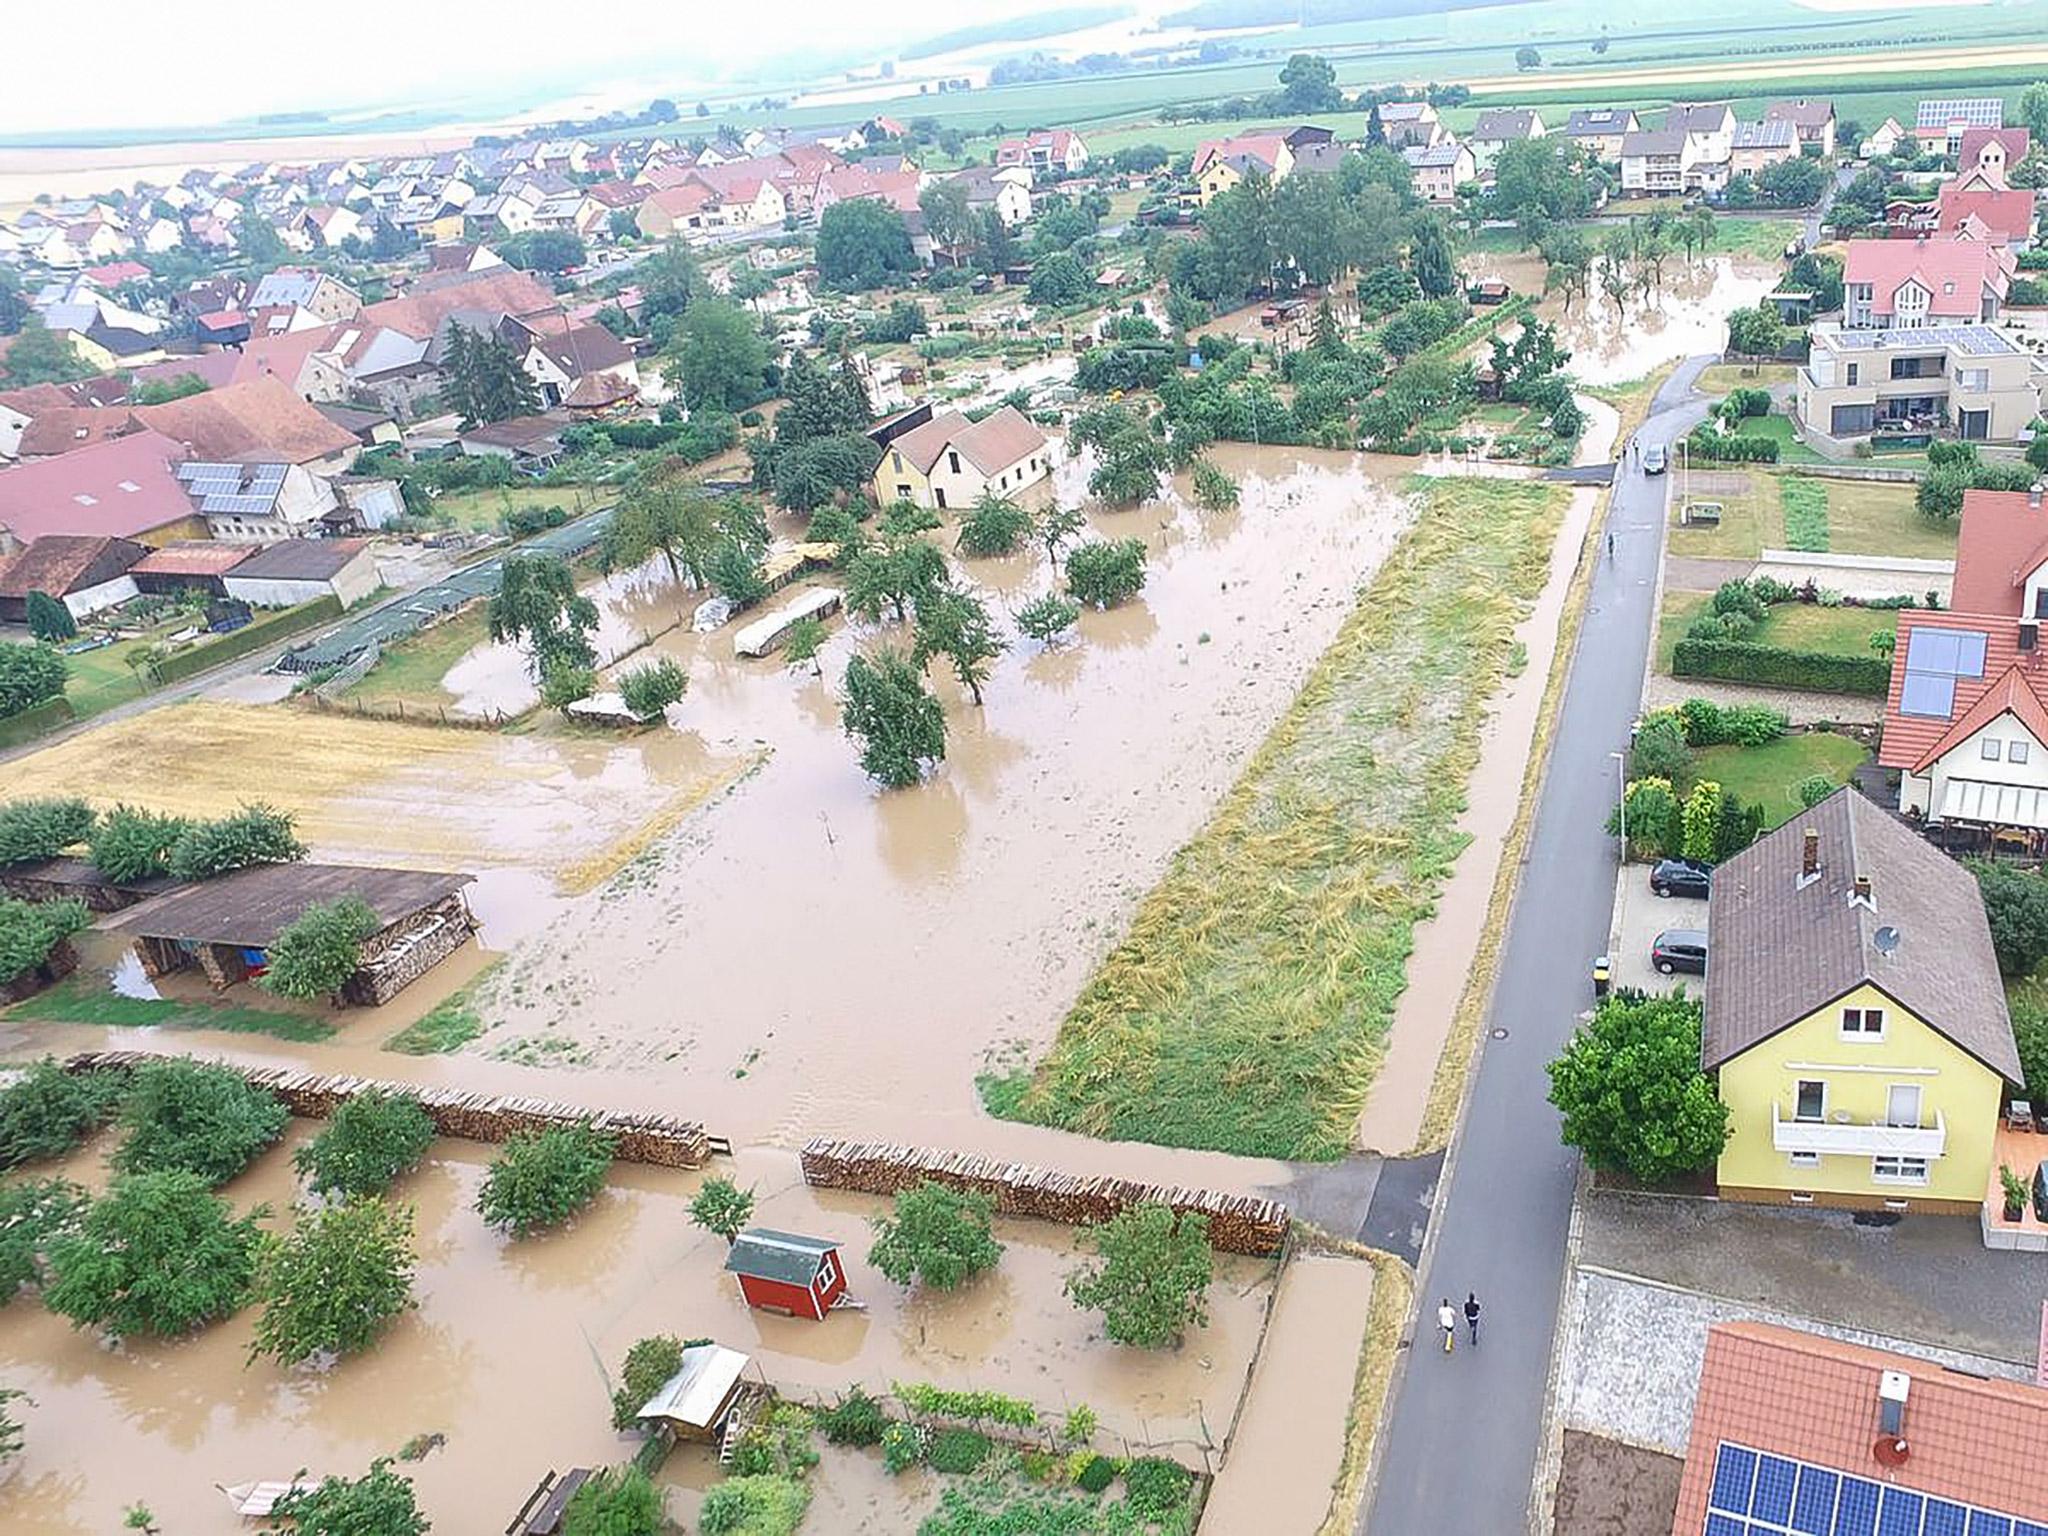 Luftbildaufnahmen von dem Einsatz am 6. Juli in der Gemeinde Werneck, Ortsteil Eßleben. Foto: Drohne Kreisbrandinspektion Schweinfurt